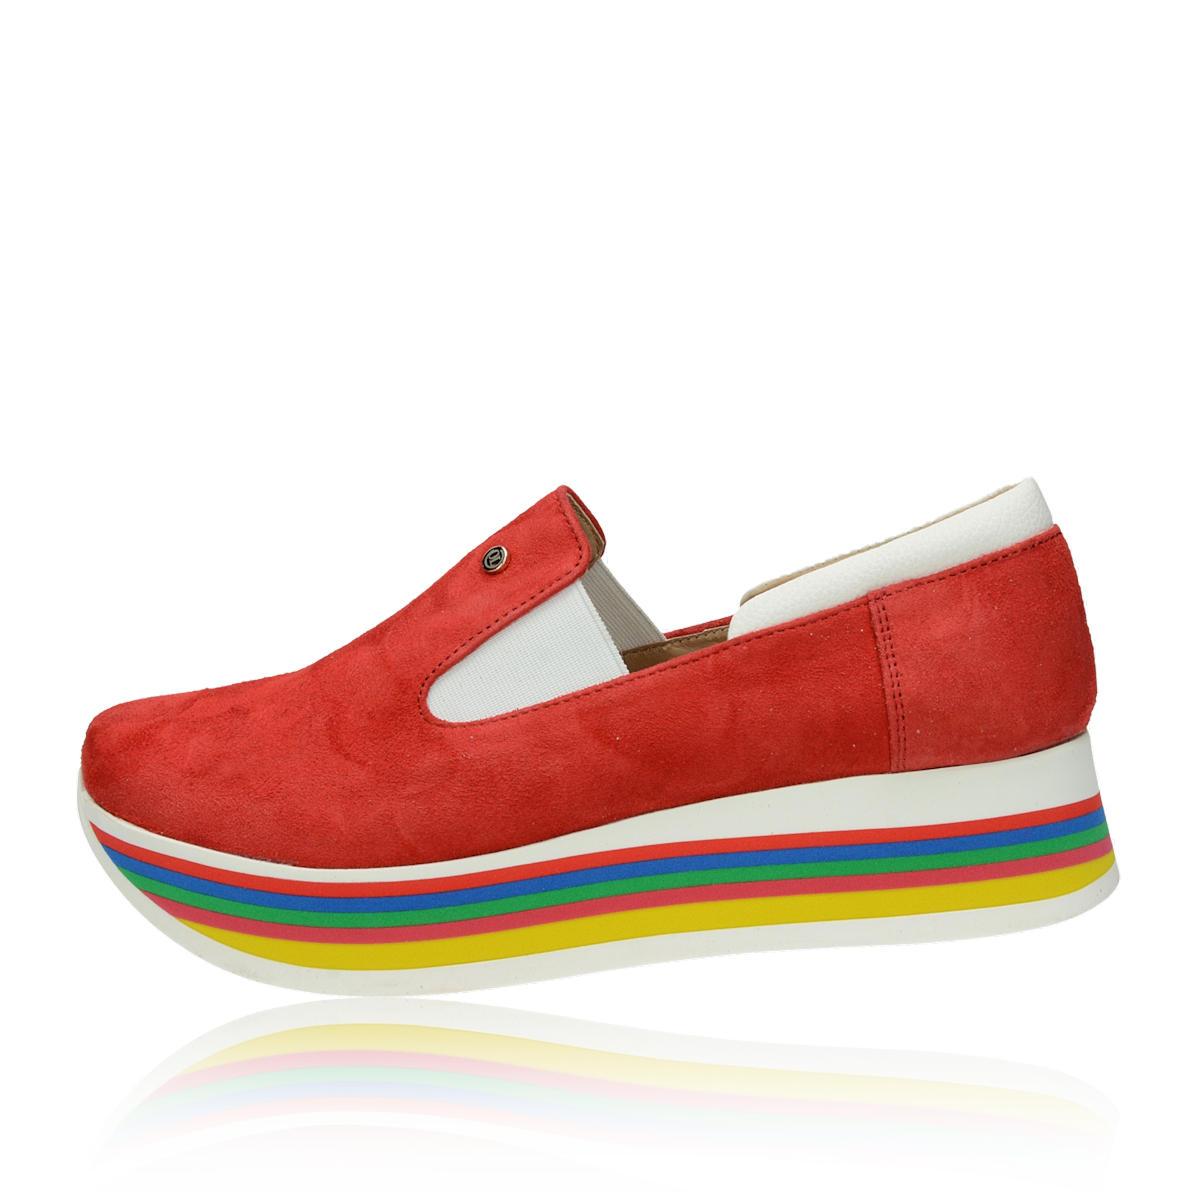 79462f78d7 Olivia shoes dámske štýlové semišové poltopánky - červené ...